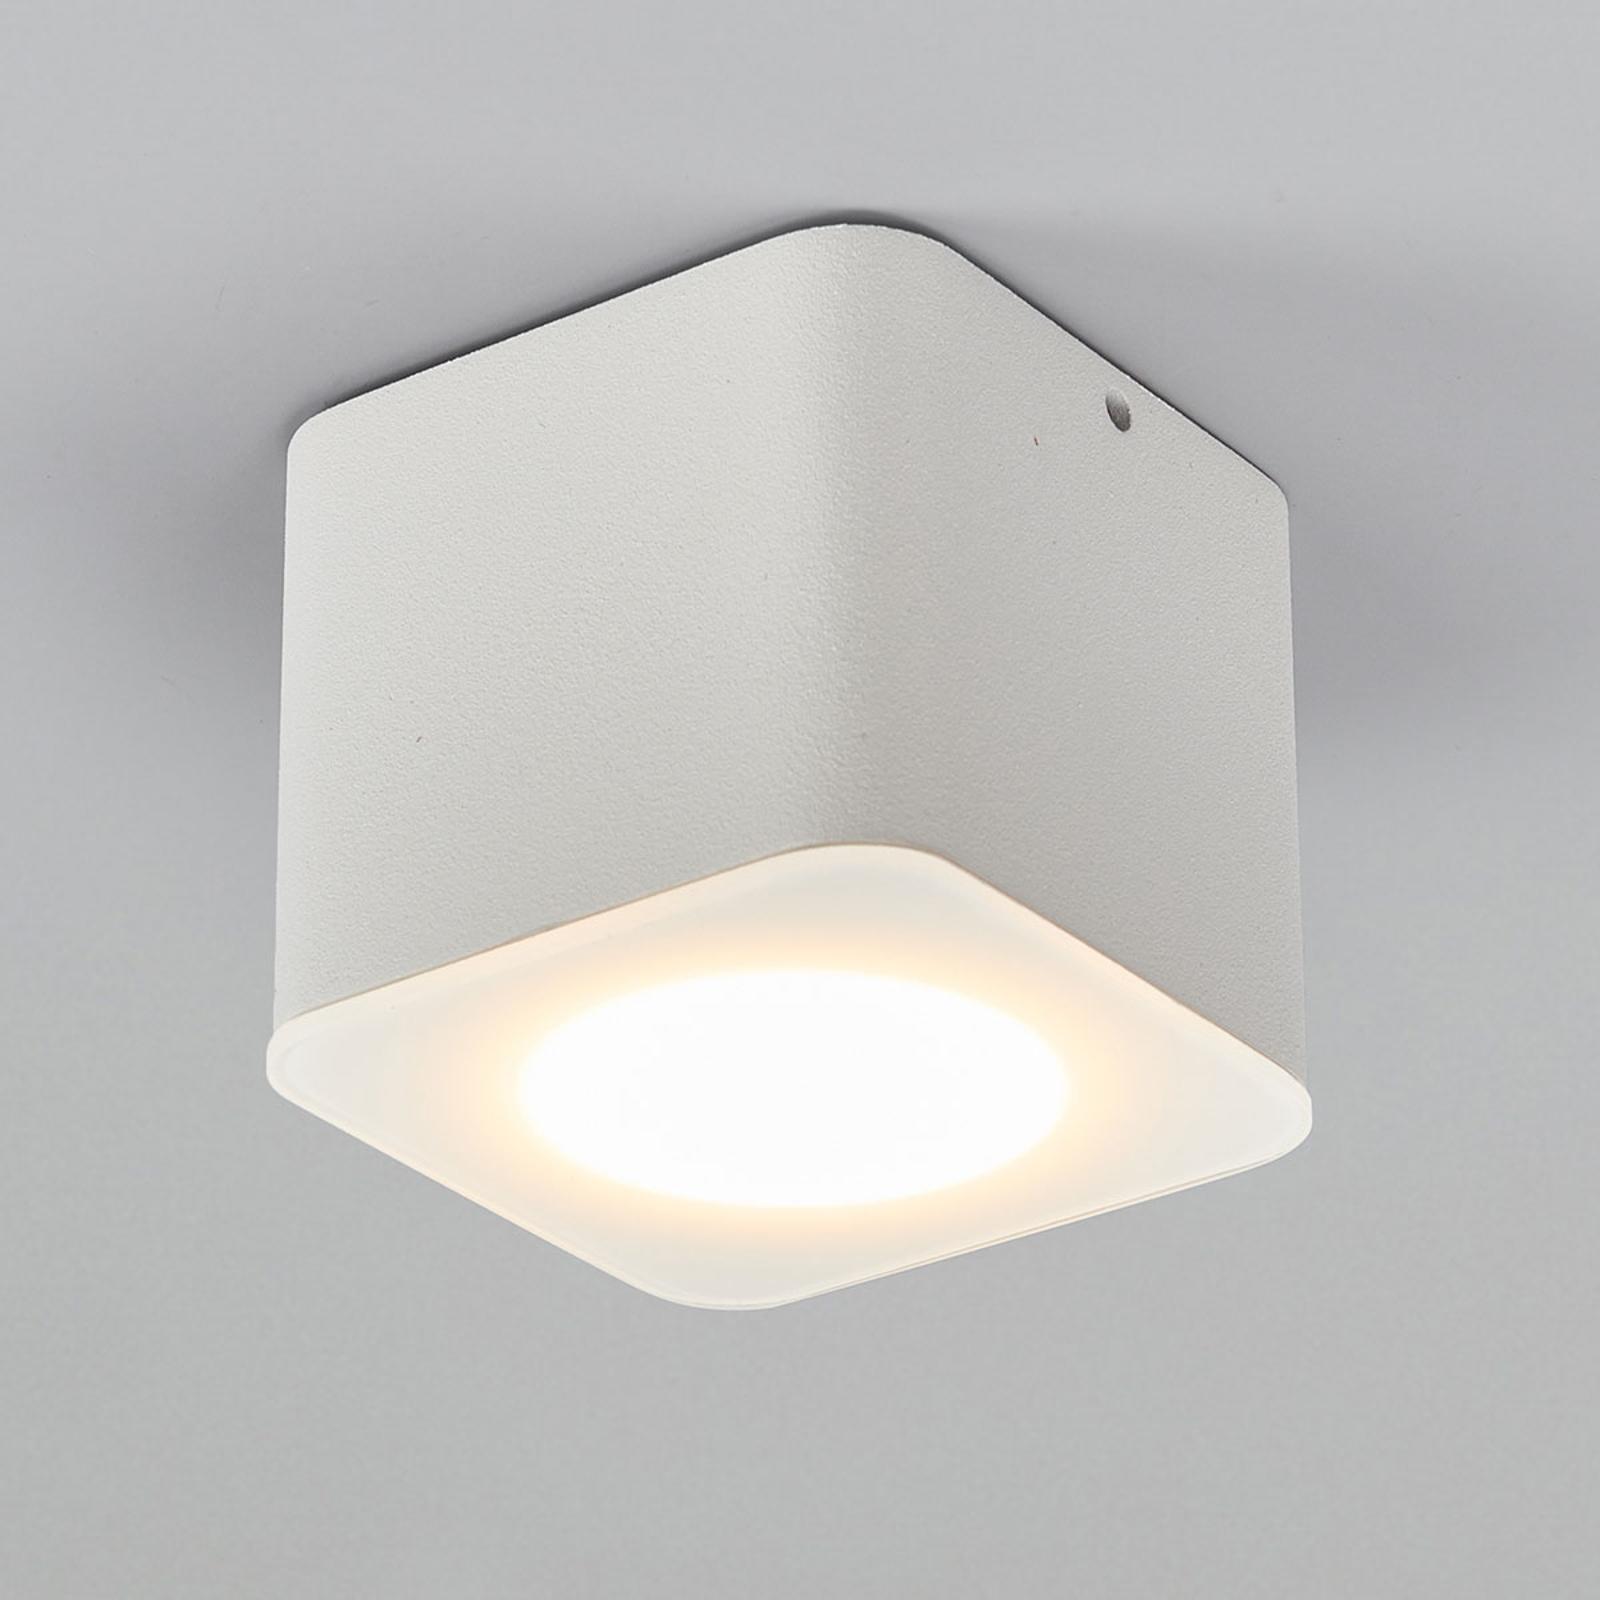 Produktové foto Helestra Helestra Oso stropní LED světlo, hranaté, bílý mat